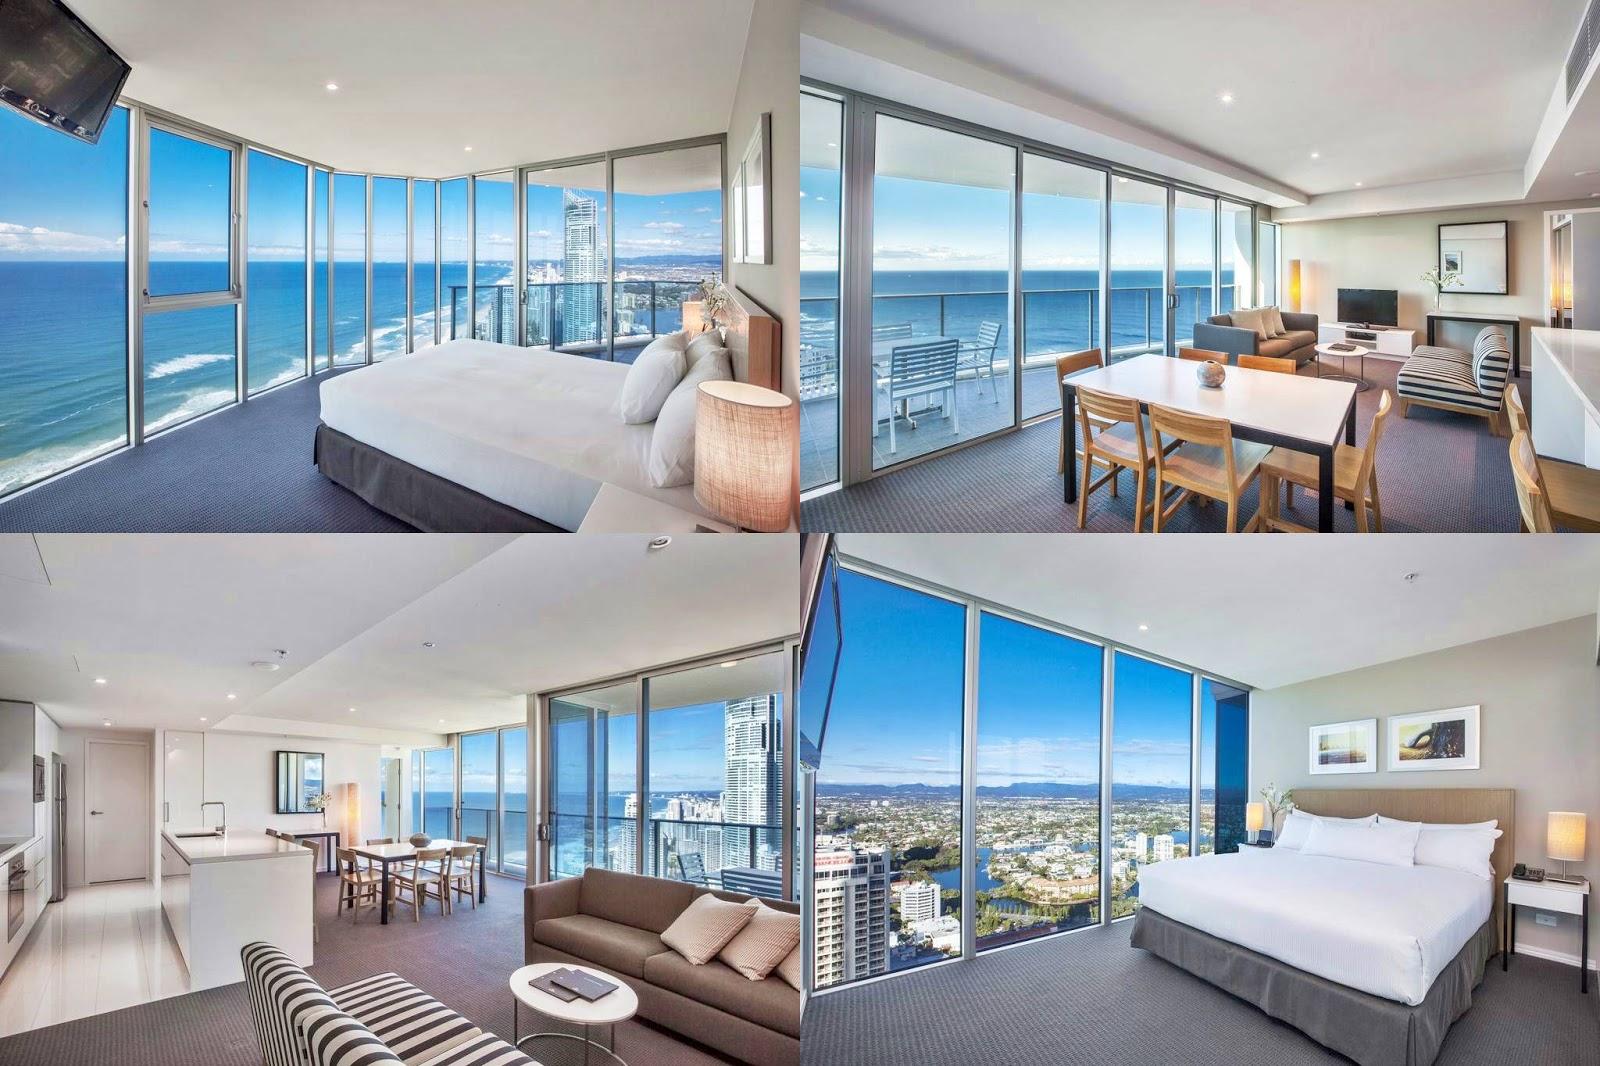 黃金海岸-住宿-推薦-飯店-酒店-旅館-民宿-公寓-希爾頓衝浪者天堂公寓酒店-Hilton-Surfers-Paradise-Residences-旅遊-澳洲-Gold-Coast-Hotel-Apartment-Australia